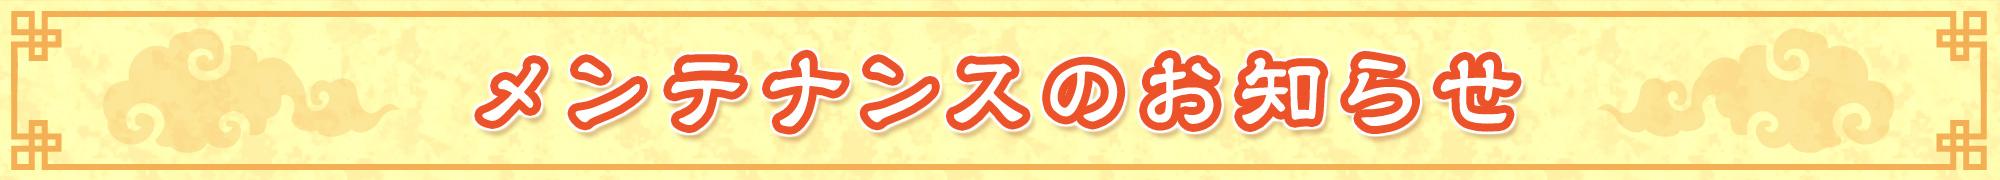 【臨時】メンテナンスのお知らせ 07月02日(木) 14:00~16:00